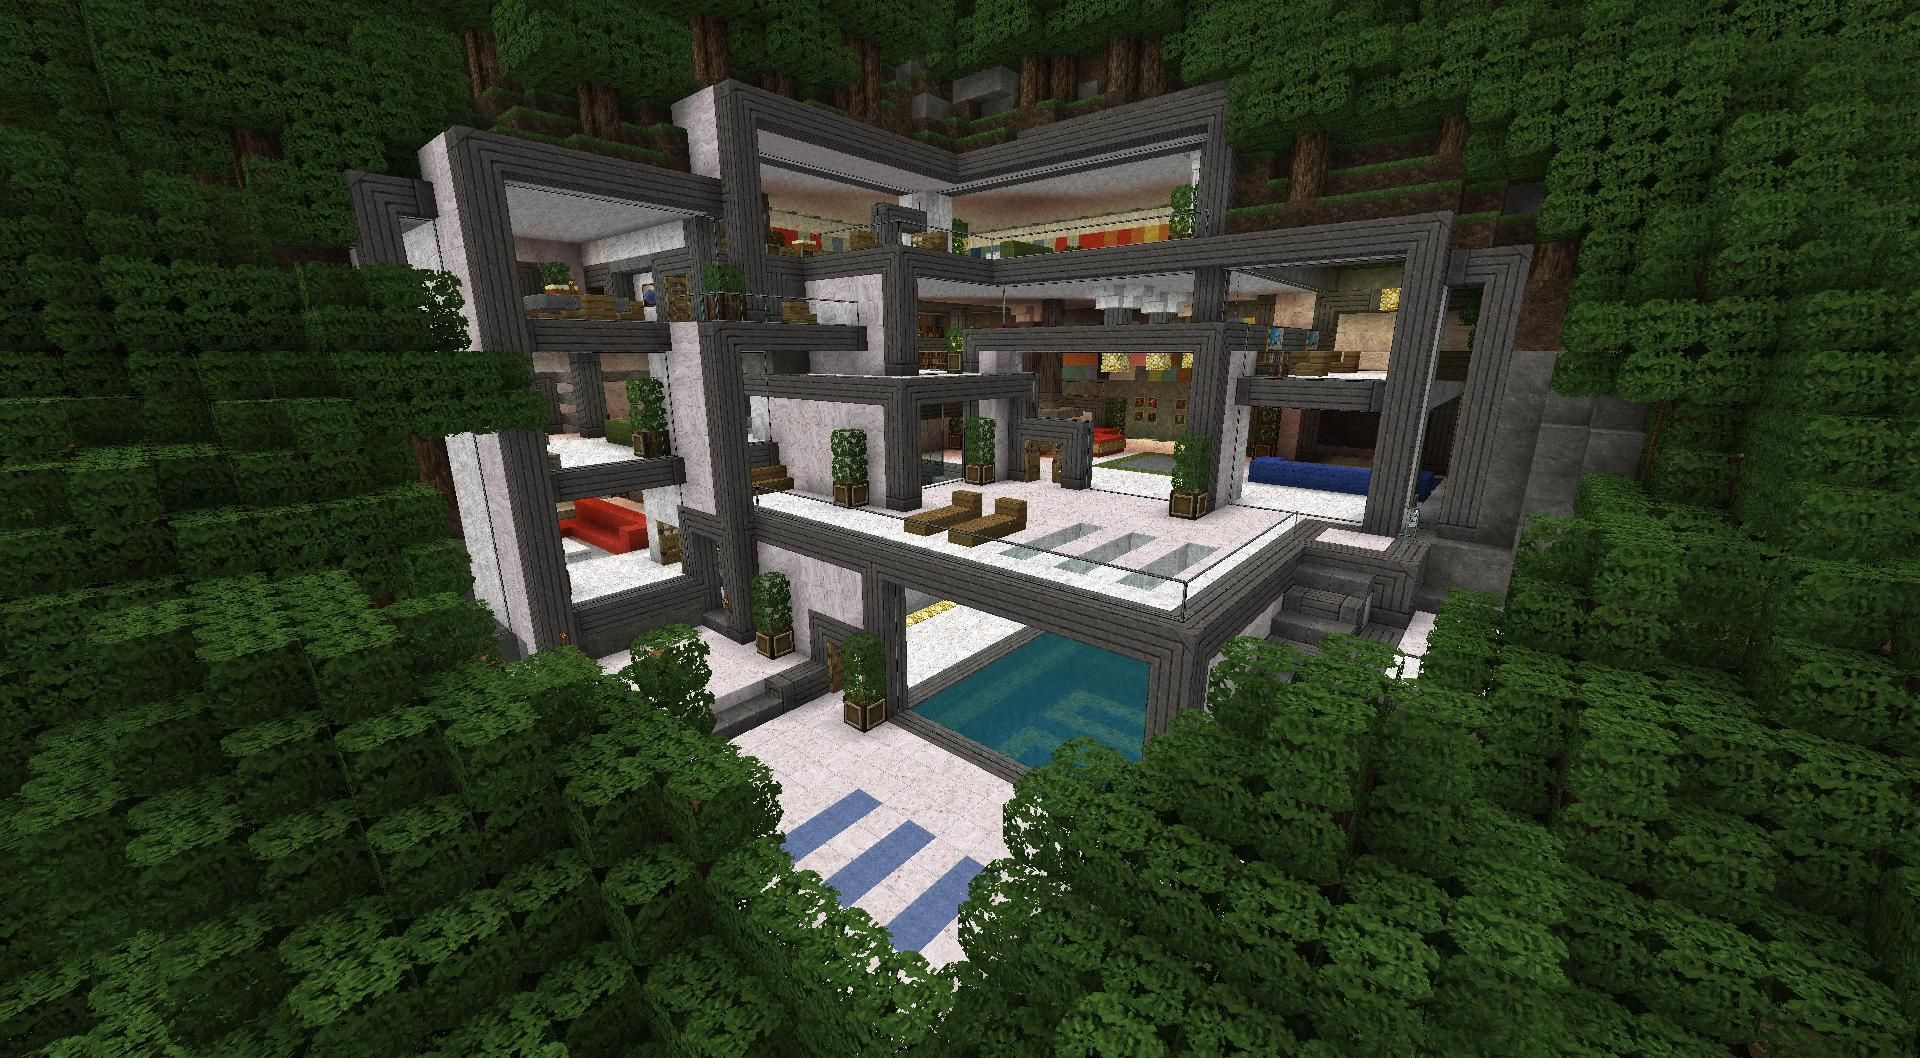 Open Area Minecraft Home Ideas